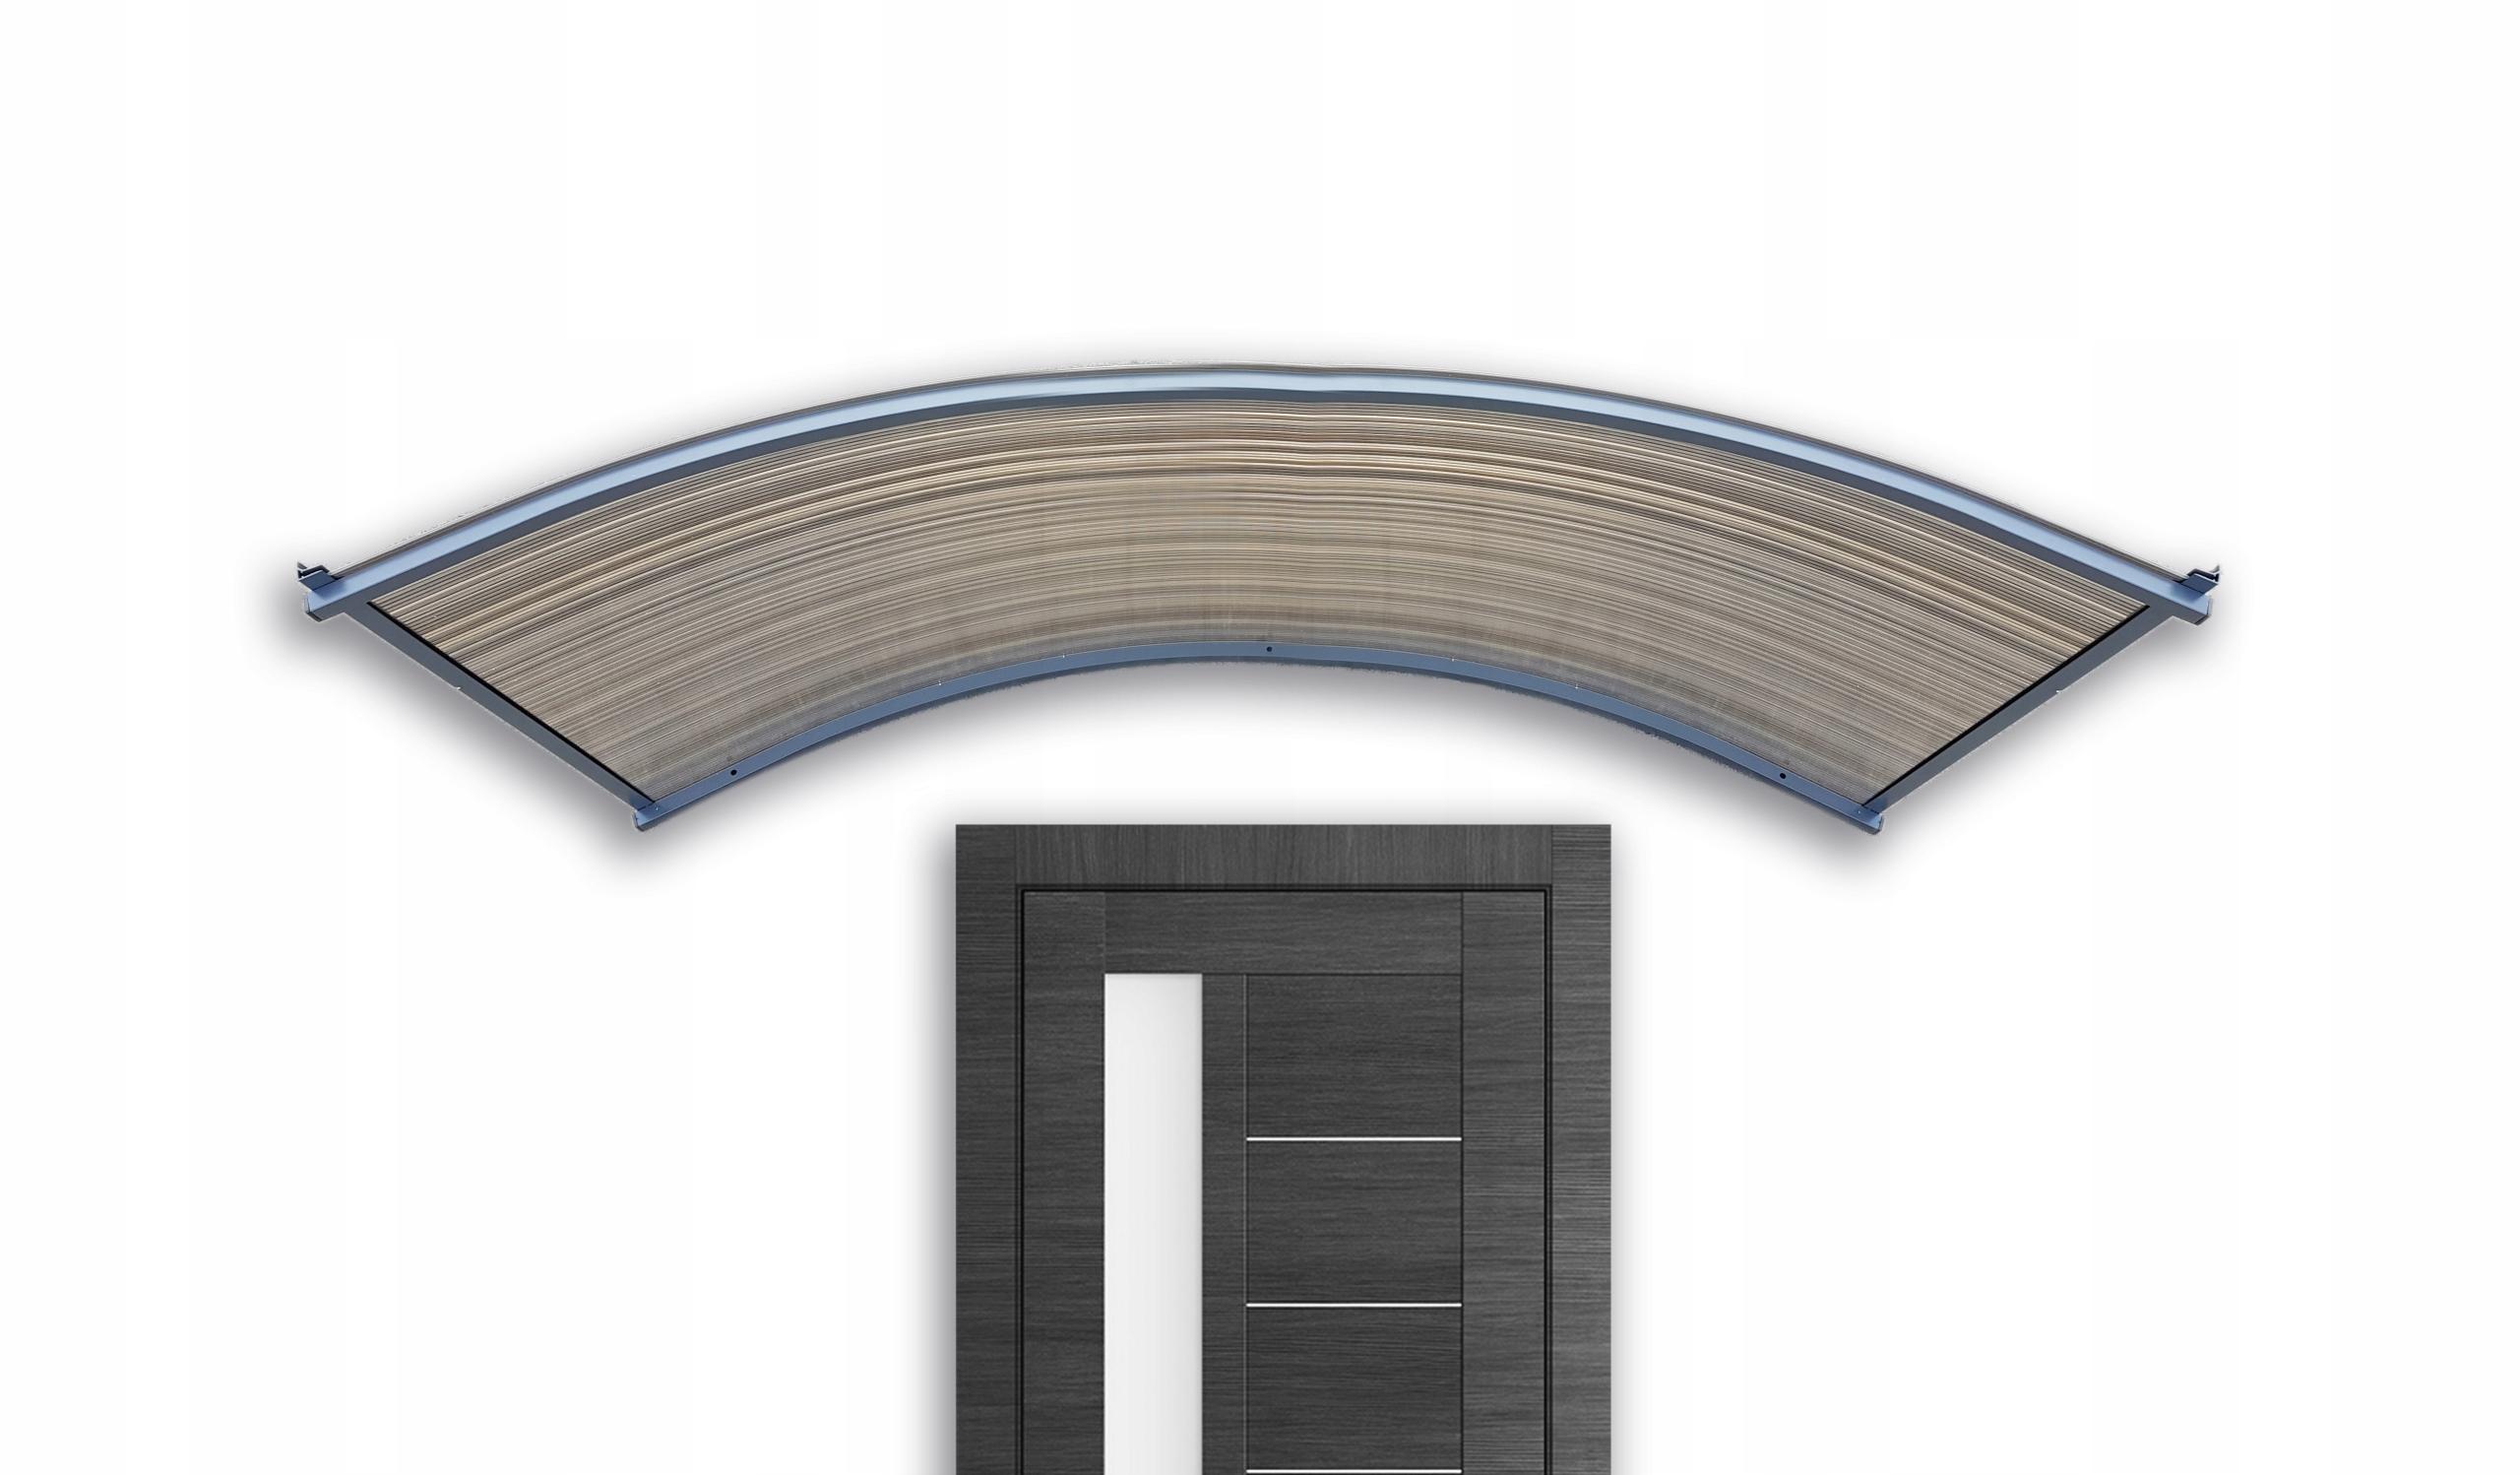 Strieška nad dvere, strešná krytina 130x25x50 ral 7016